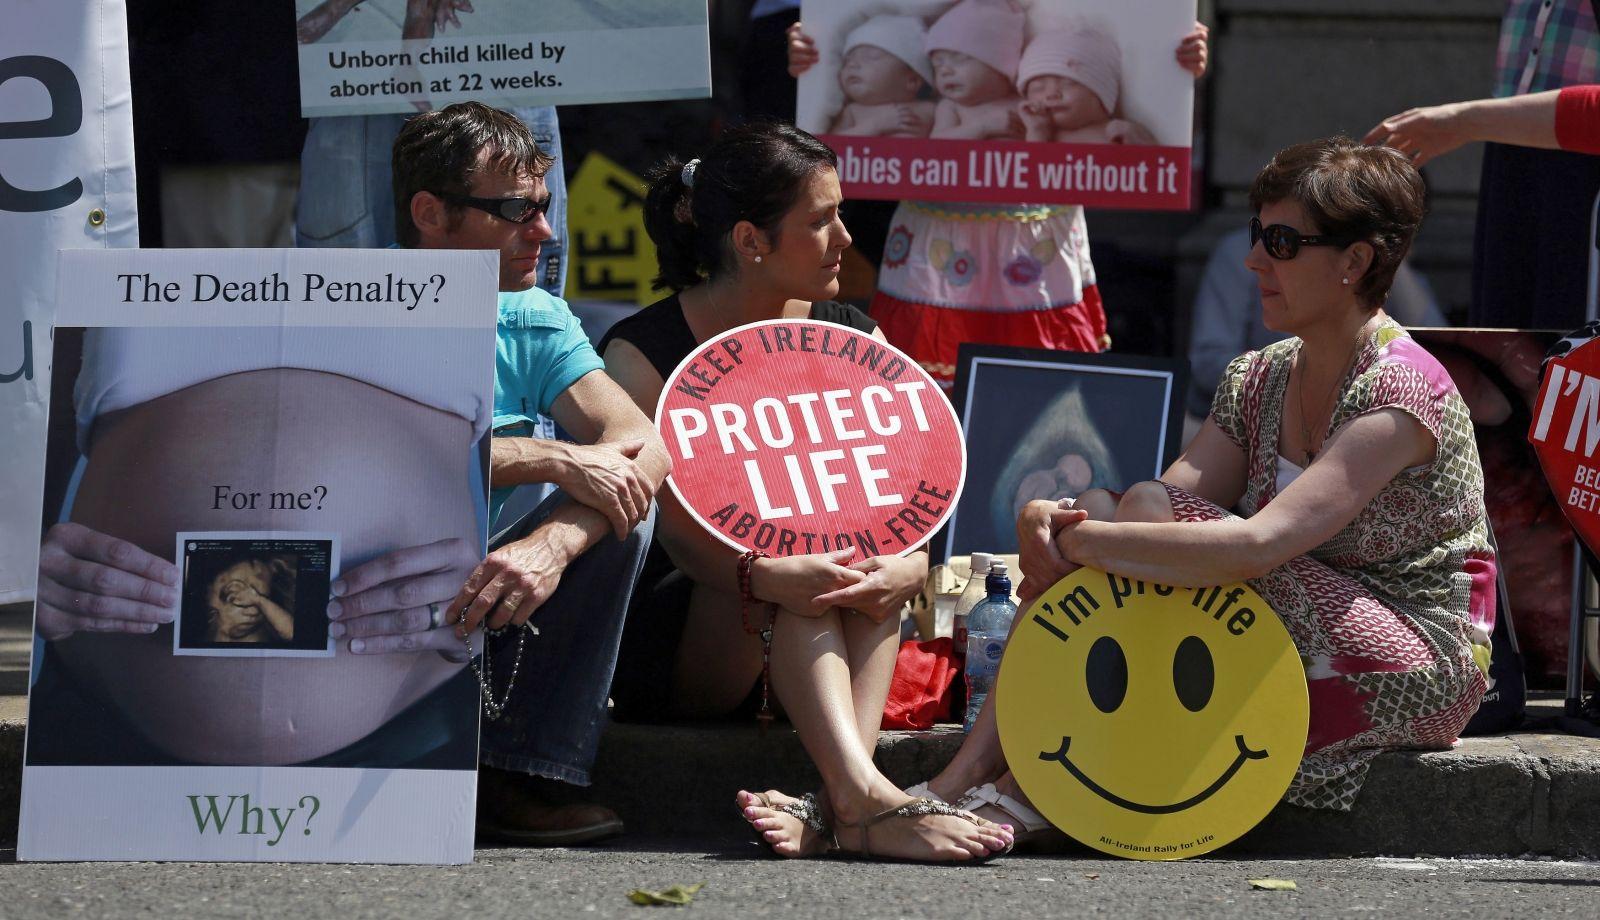 Amnesty International abortion poll in Ireland